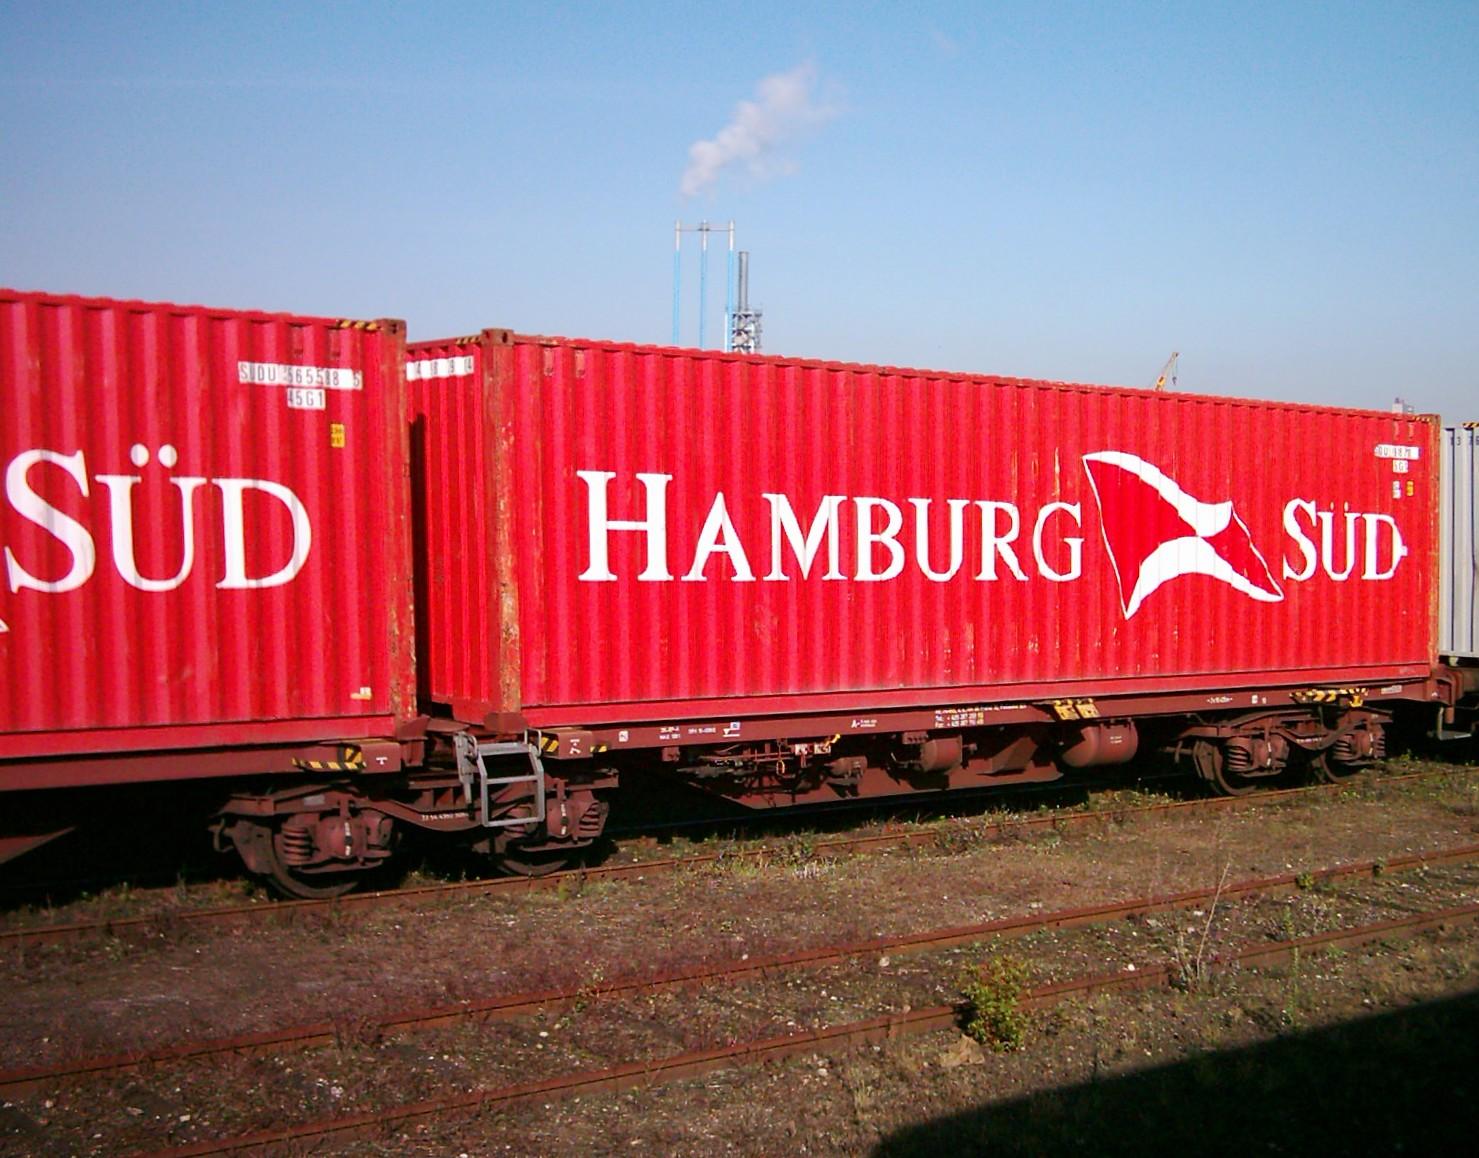 hamburg sud: